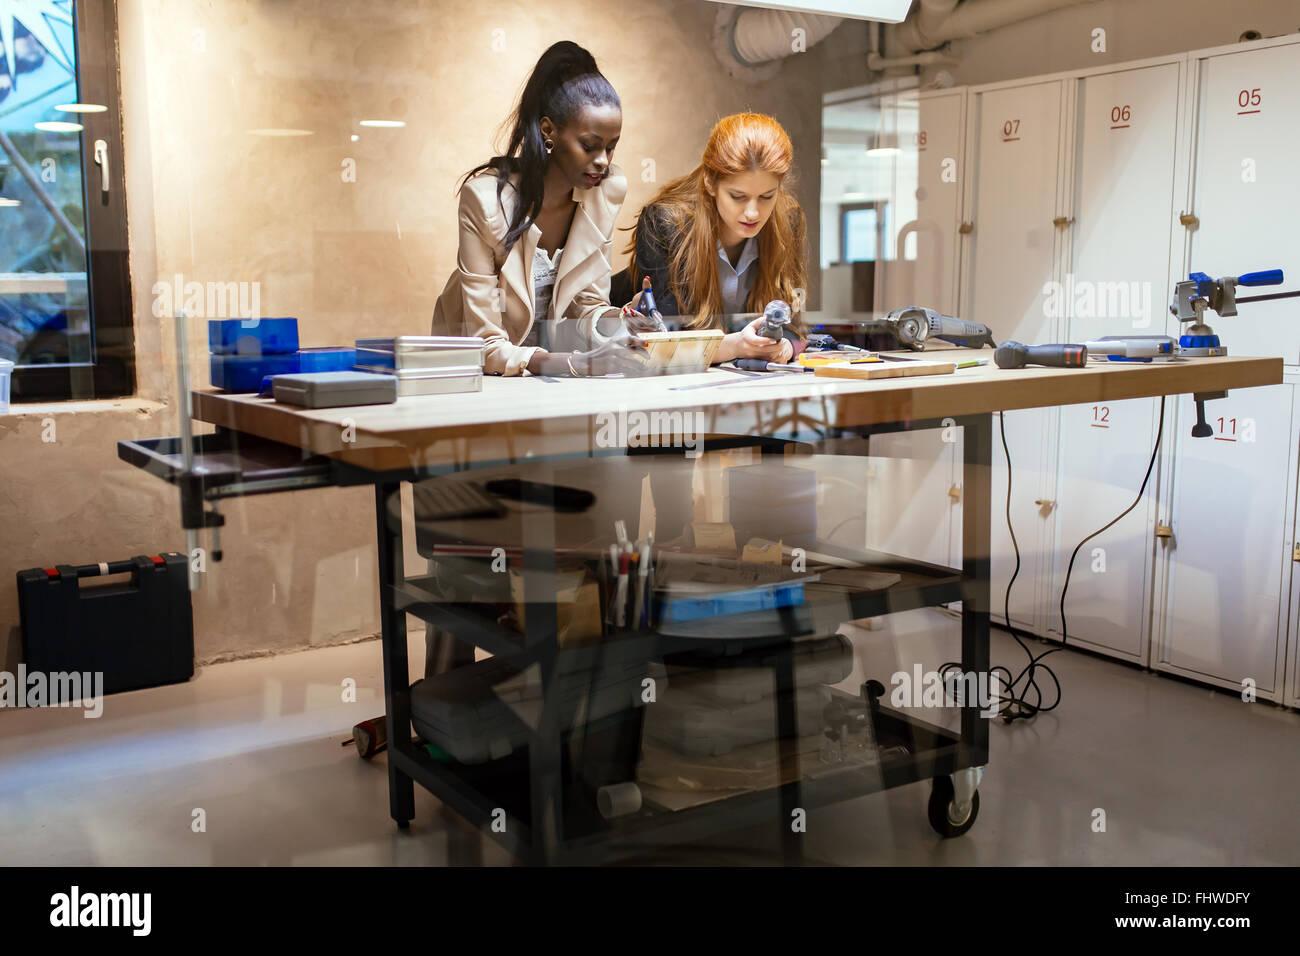 Les concepteurs travaillant dans un bureau moderne avec poignée d'outils Photo Stock